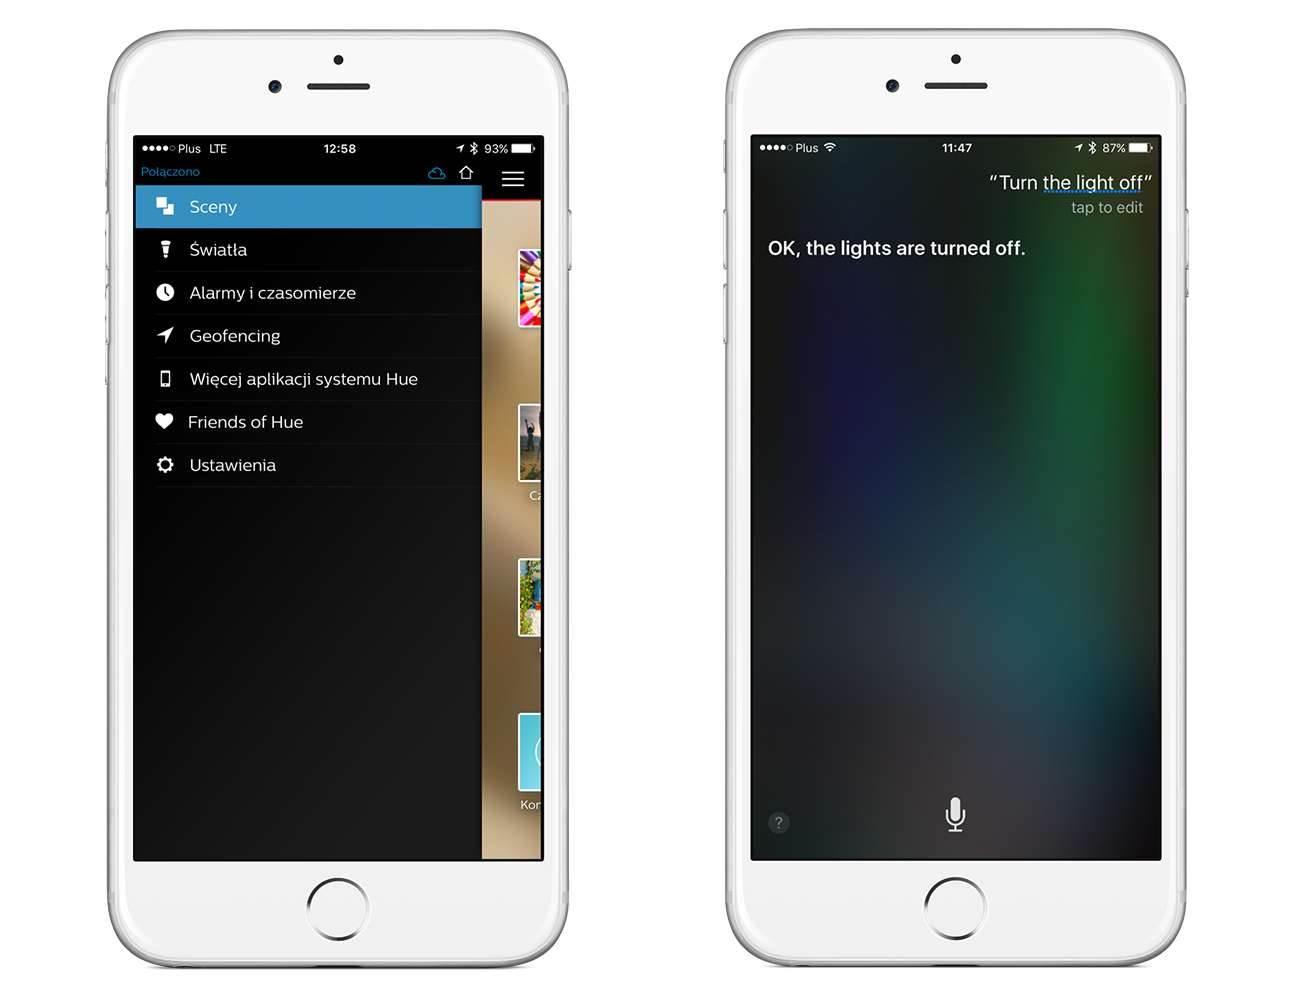 Philips Hue z Apple HomeKit - inteligentne żarówki sterowane za pomocą Siri recenzje, polecane, akcesoria żarówki sterowane za pomocą Siri, żarówki Hue, Youtube, Wideo, Philips Hue Most 2, philips hue 2, philips, iPhone, Apple  Philips Hue to nowa epoka oświetlenia w naszych domach. Praktyczny i bardzo łatwy w obsłudze, kreatywny i zupełnie dostosowujący się do indywidualnego stylu życia. Taki właśnie jest Philips Hue. Hue2